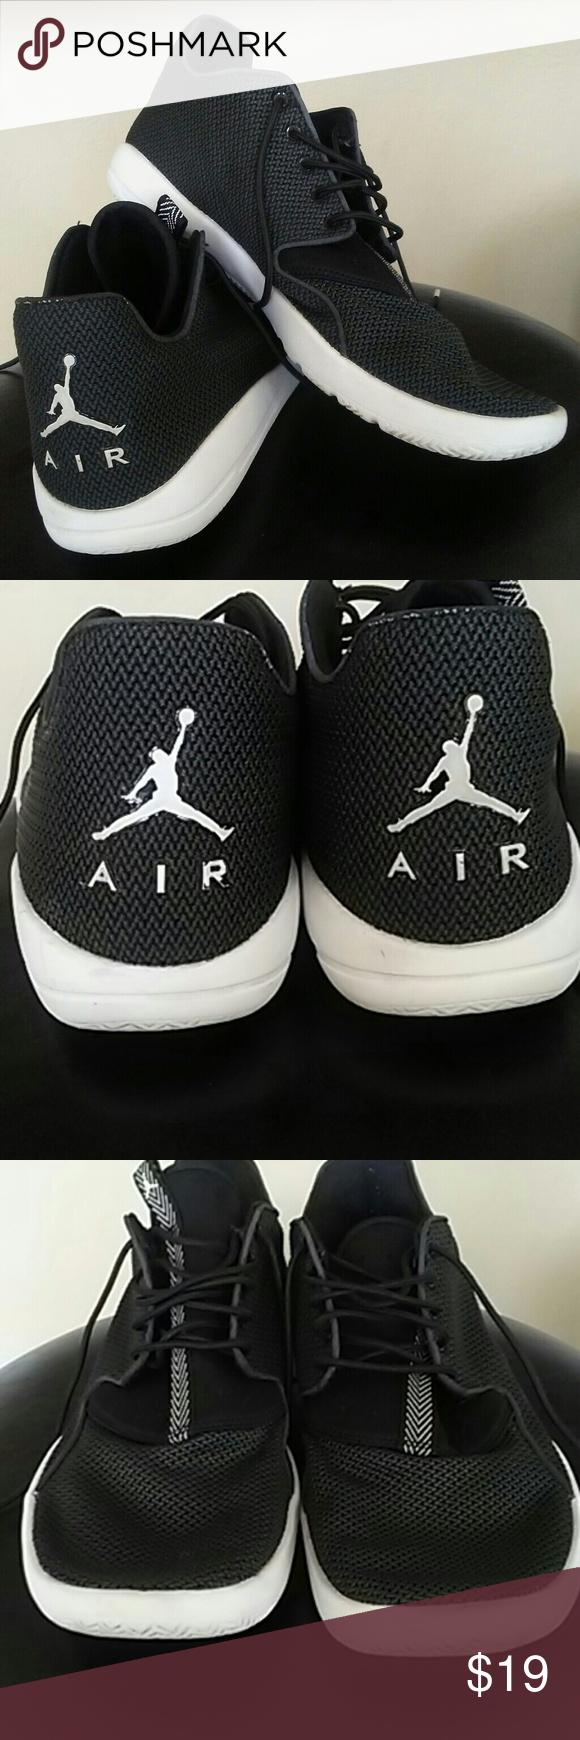 Air Jordan men\'s size 11